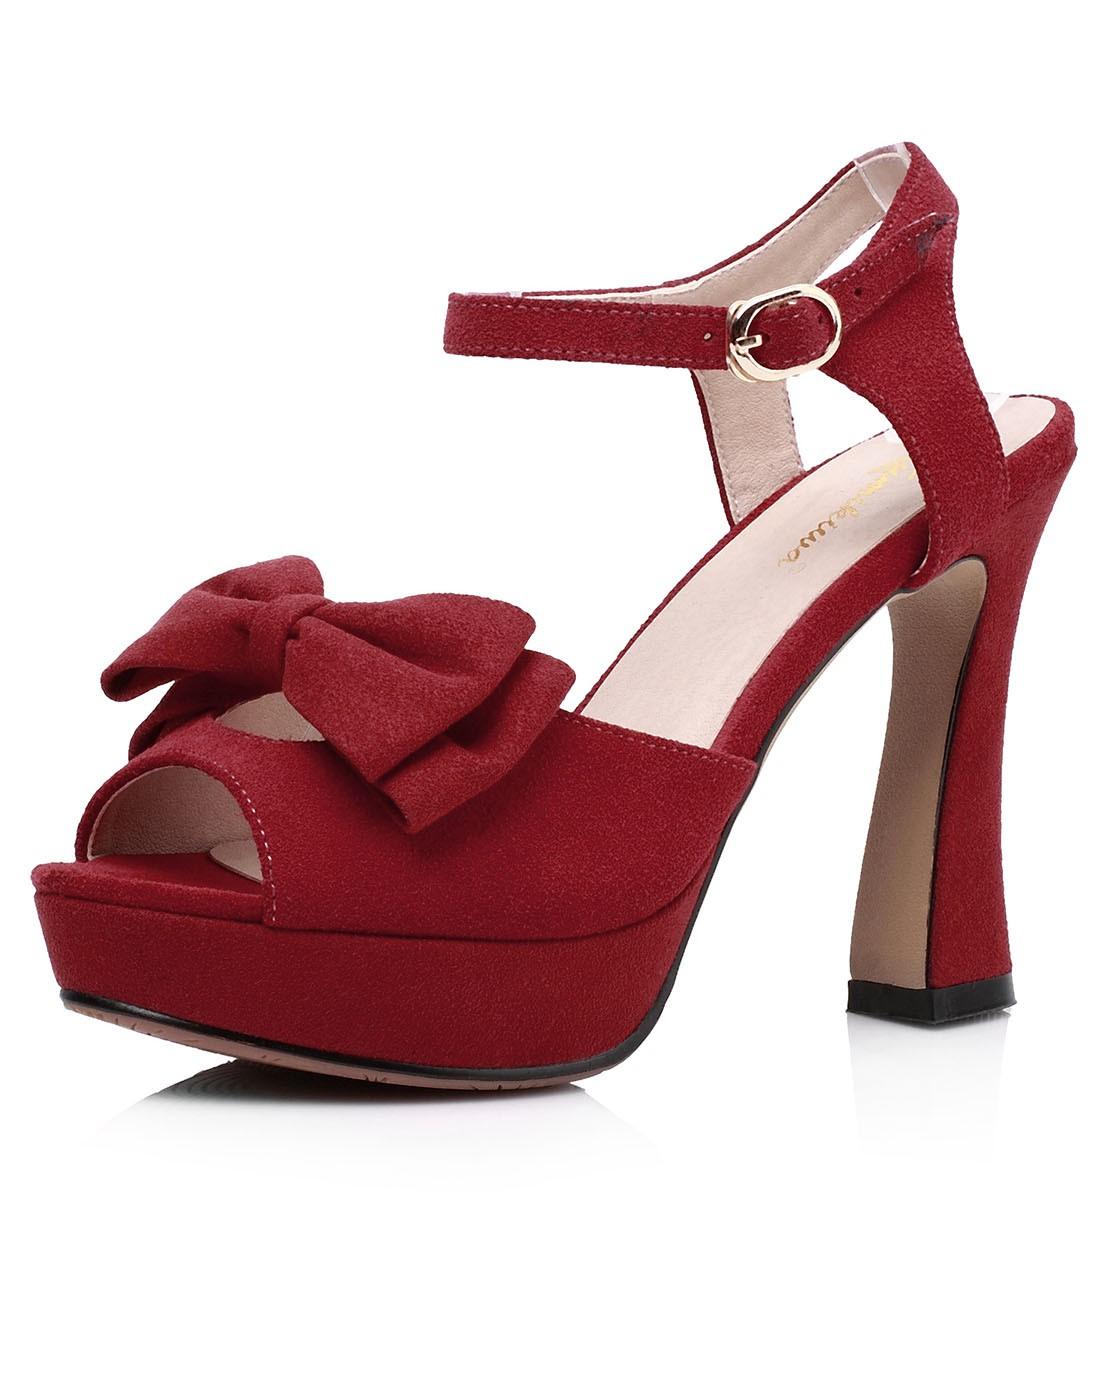 14年新款女红色高跟真皮蝴蝶结凉鞋